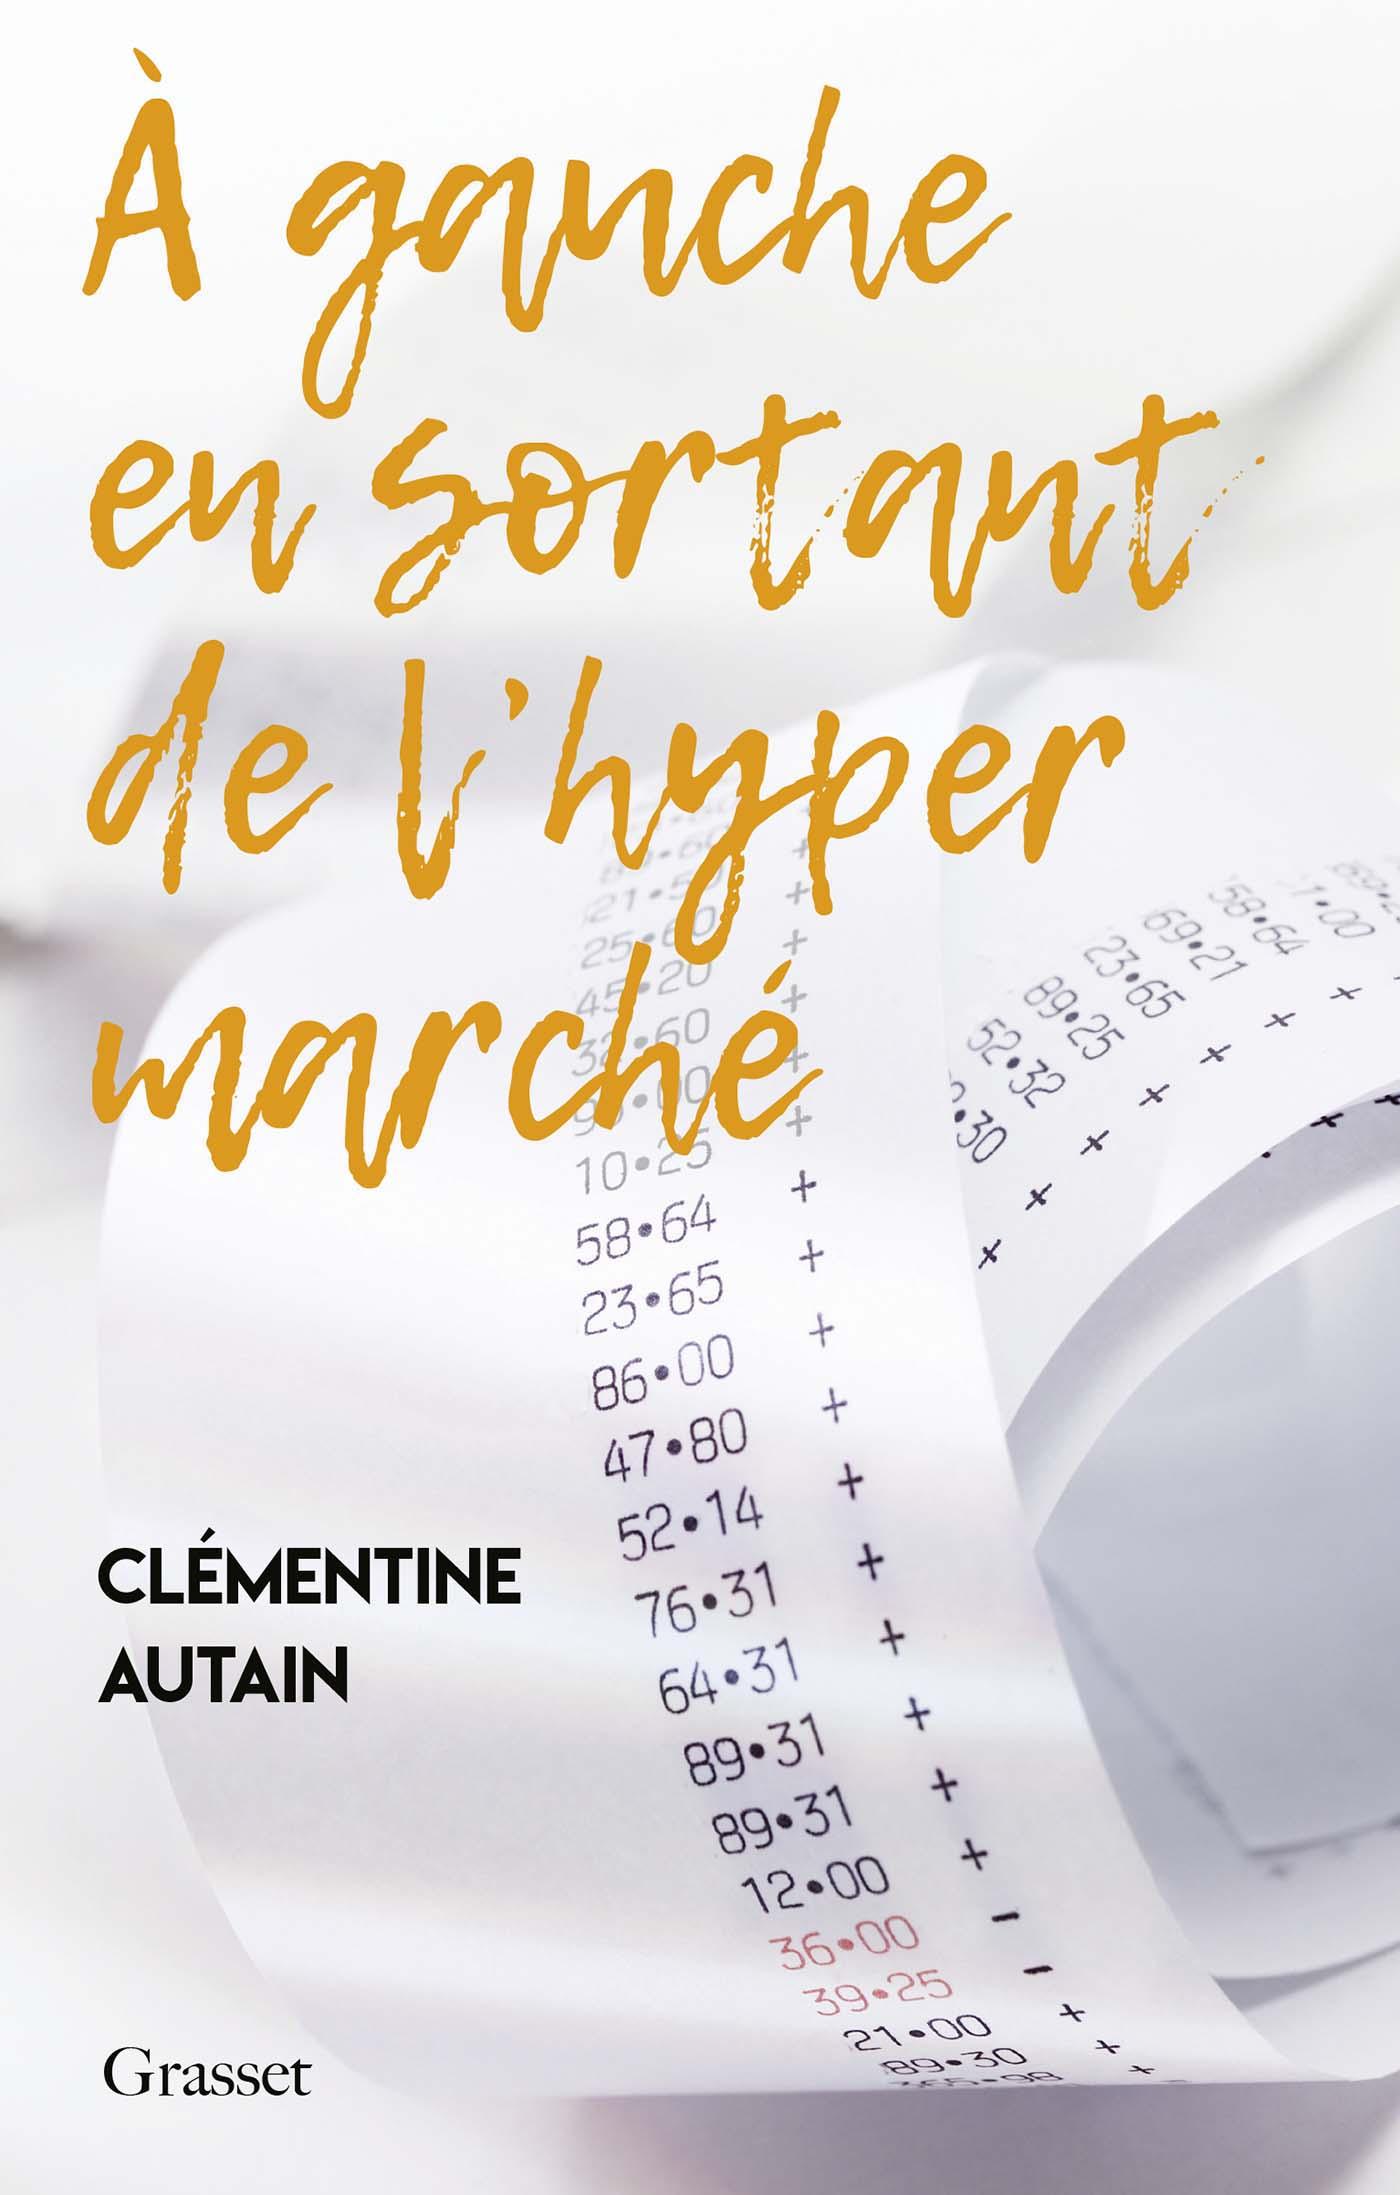 Rebellissime Clémentine Autain A gauche en sortant de l'hypermarché